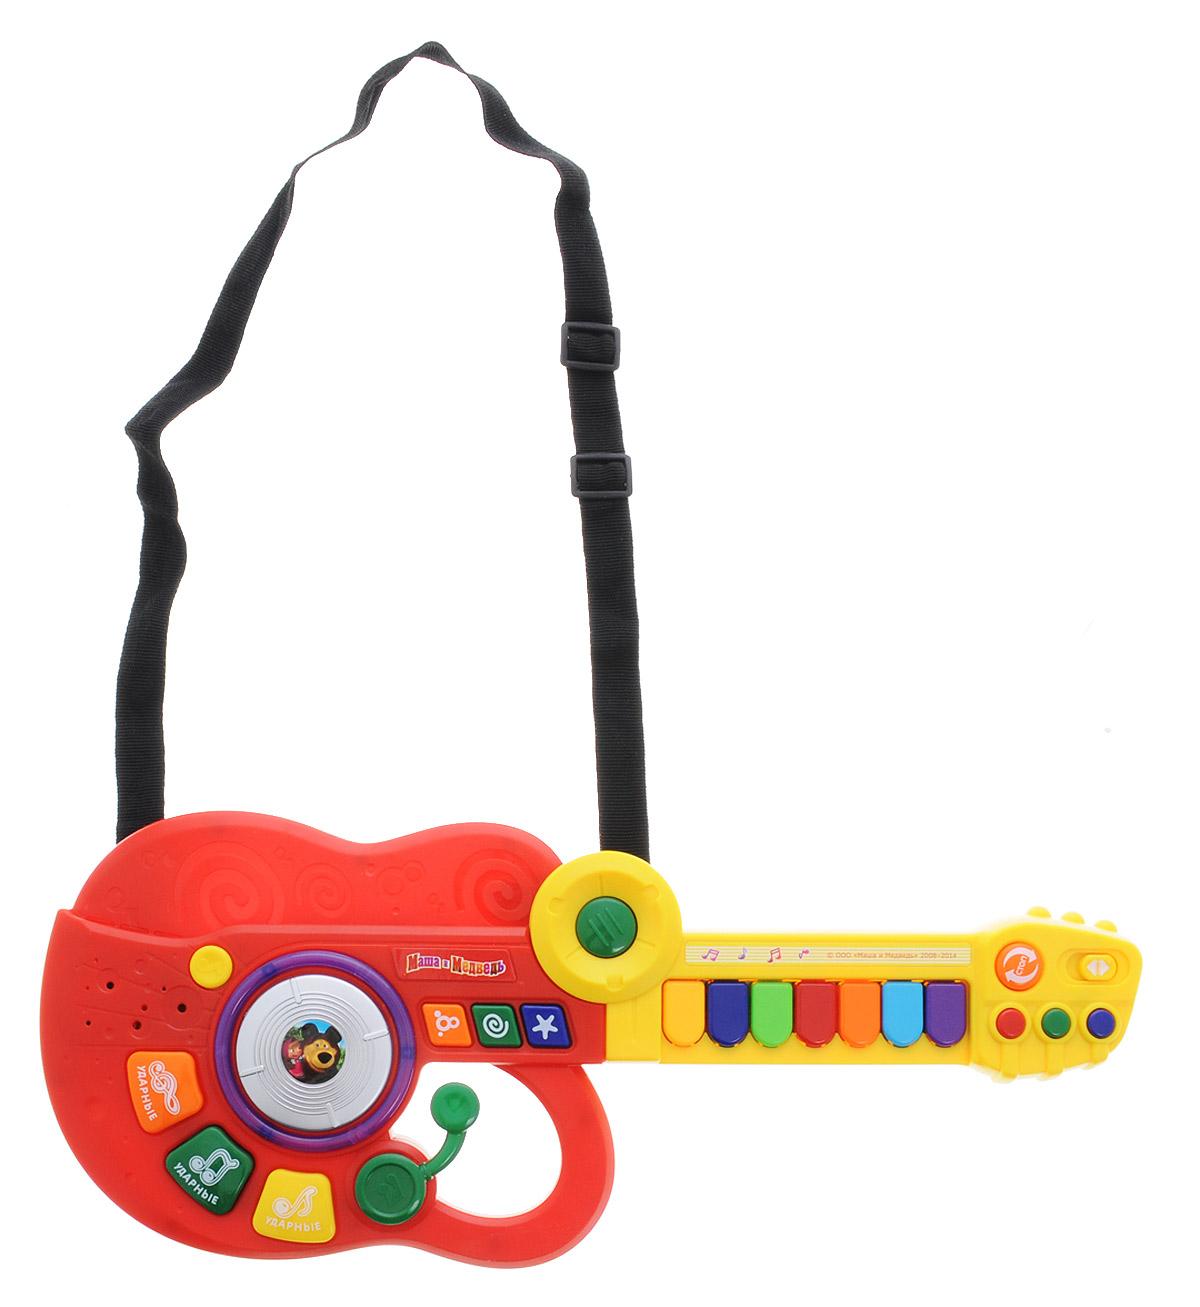 Играем вместе Электрогитара-синтезатор Маша и Медведь цвет красный желтыйBB778-R2Электрогитара-синтезатор Играем вместе Маша и Медведь непременно понравится вашему ребенку и не позволит ему скучать. Игрушка выполнена из прочного и безопасного пластика. Гитара снабжена текстильным ремнем для более удобной игры. Электрогитара-синтезатор Играем вместе Маша и Медведь обладает световыми эффектами, содержит 7 песенок из мультфильма. Музыкальный инструмент поможет ребенку развить слух, зрение, моторику и воображение, артистизм и творческое мышление. С такой игрушкой ваш ребенок порадует вас замечательным концертом! Рекомендуется докупить 3 батарейки типа АА (товар комплектуется демонстрационными).